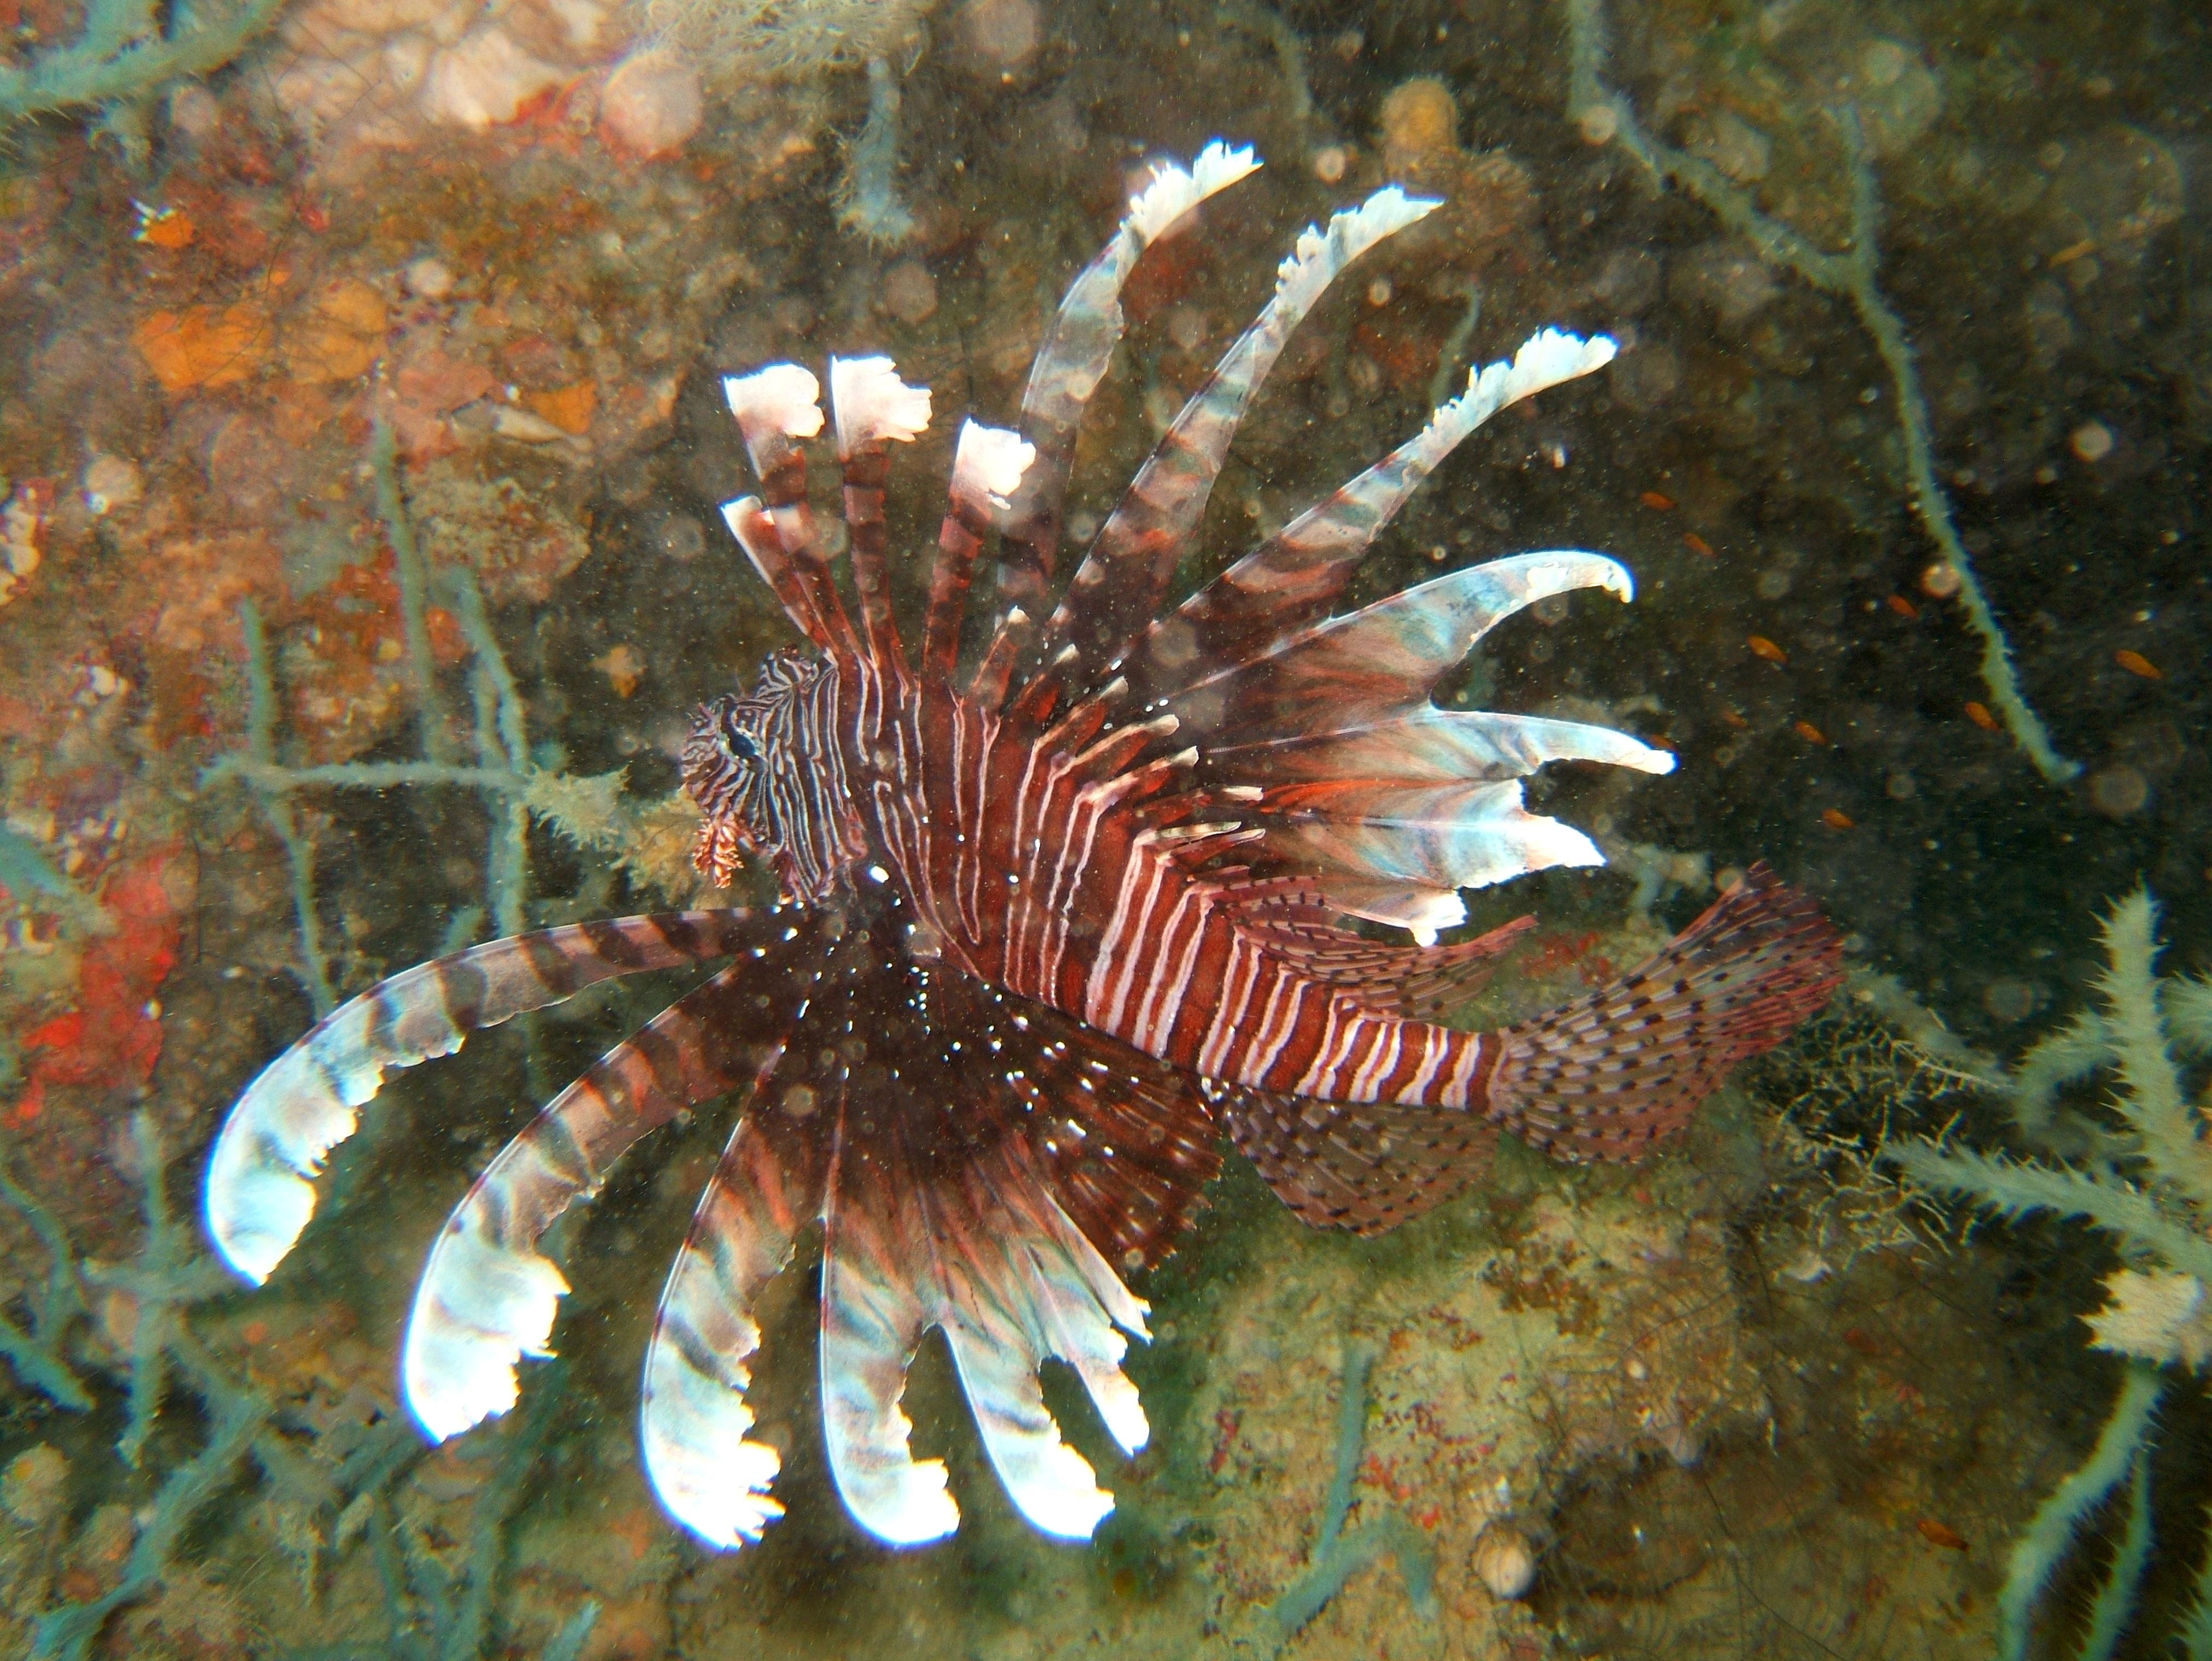 Philippines Cebu Bohol Balicasag Island Rudys rock dive Dec 2005 23